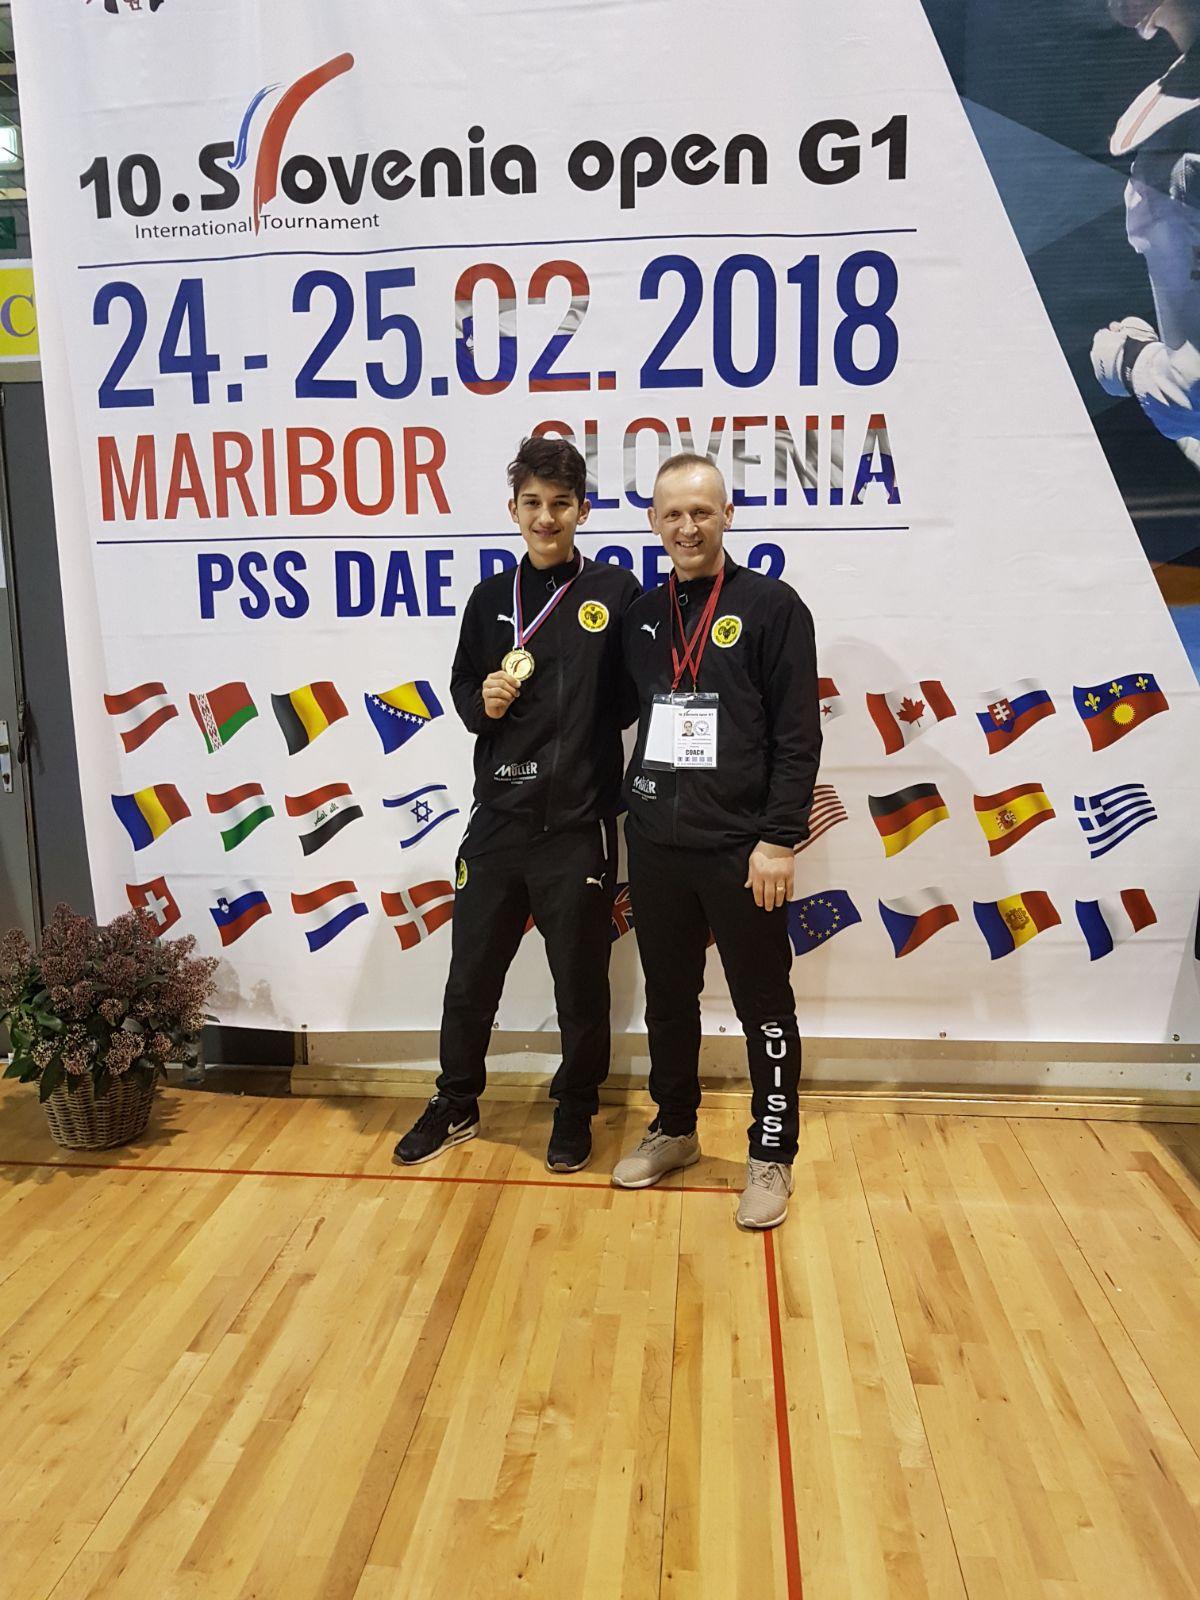 (K) Slovenia Open 2018 WT G1: 1 Gold Medal